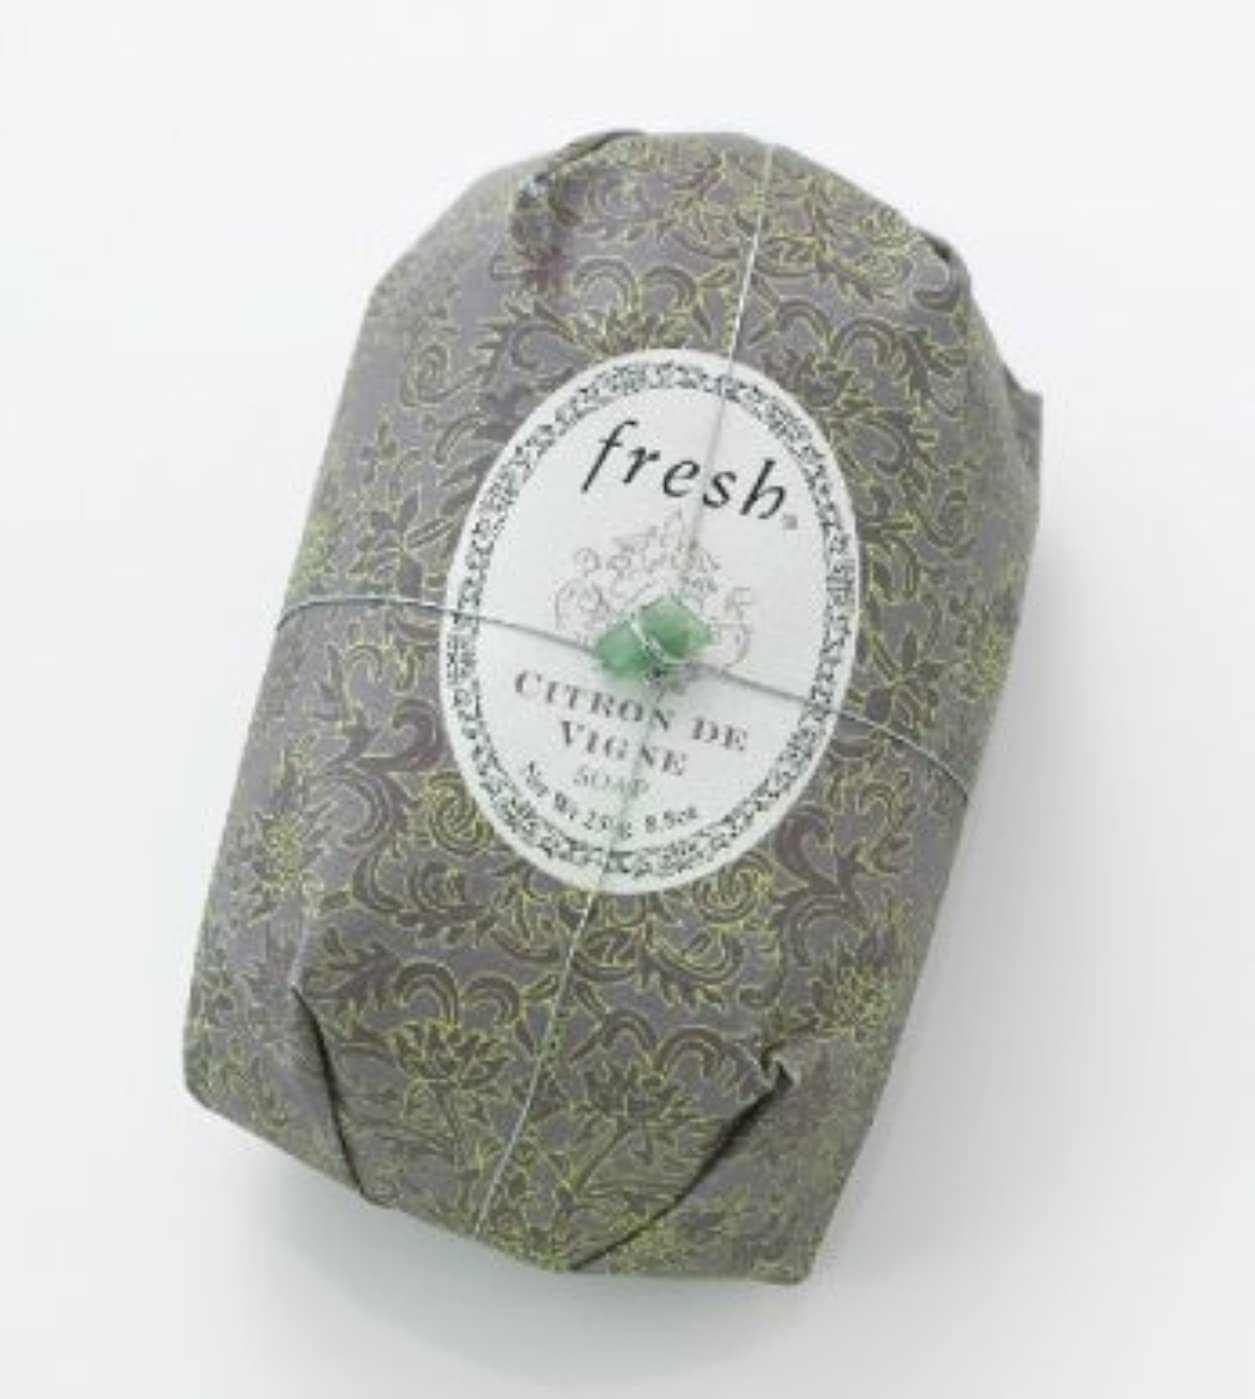 破滅引き金非行Fresh CITRON DE VIGNE SOAP (フレッシュ シトロンデヴァイン ソープ) 8.8 oz (250g) Soap (石鹸) by Fresh